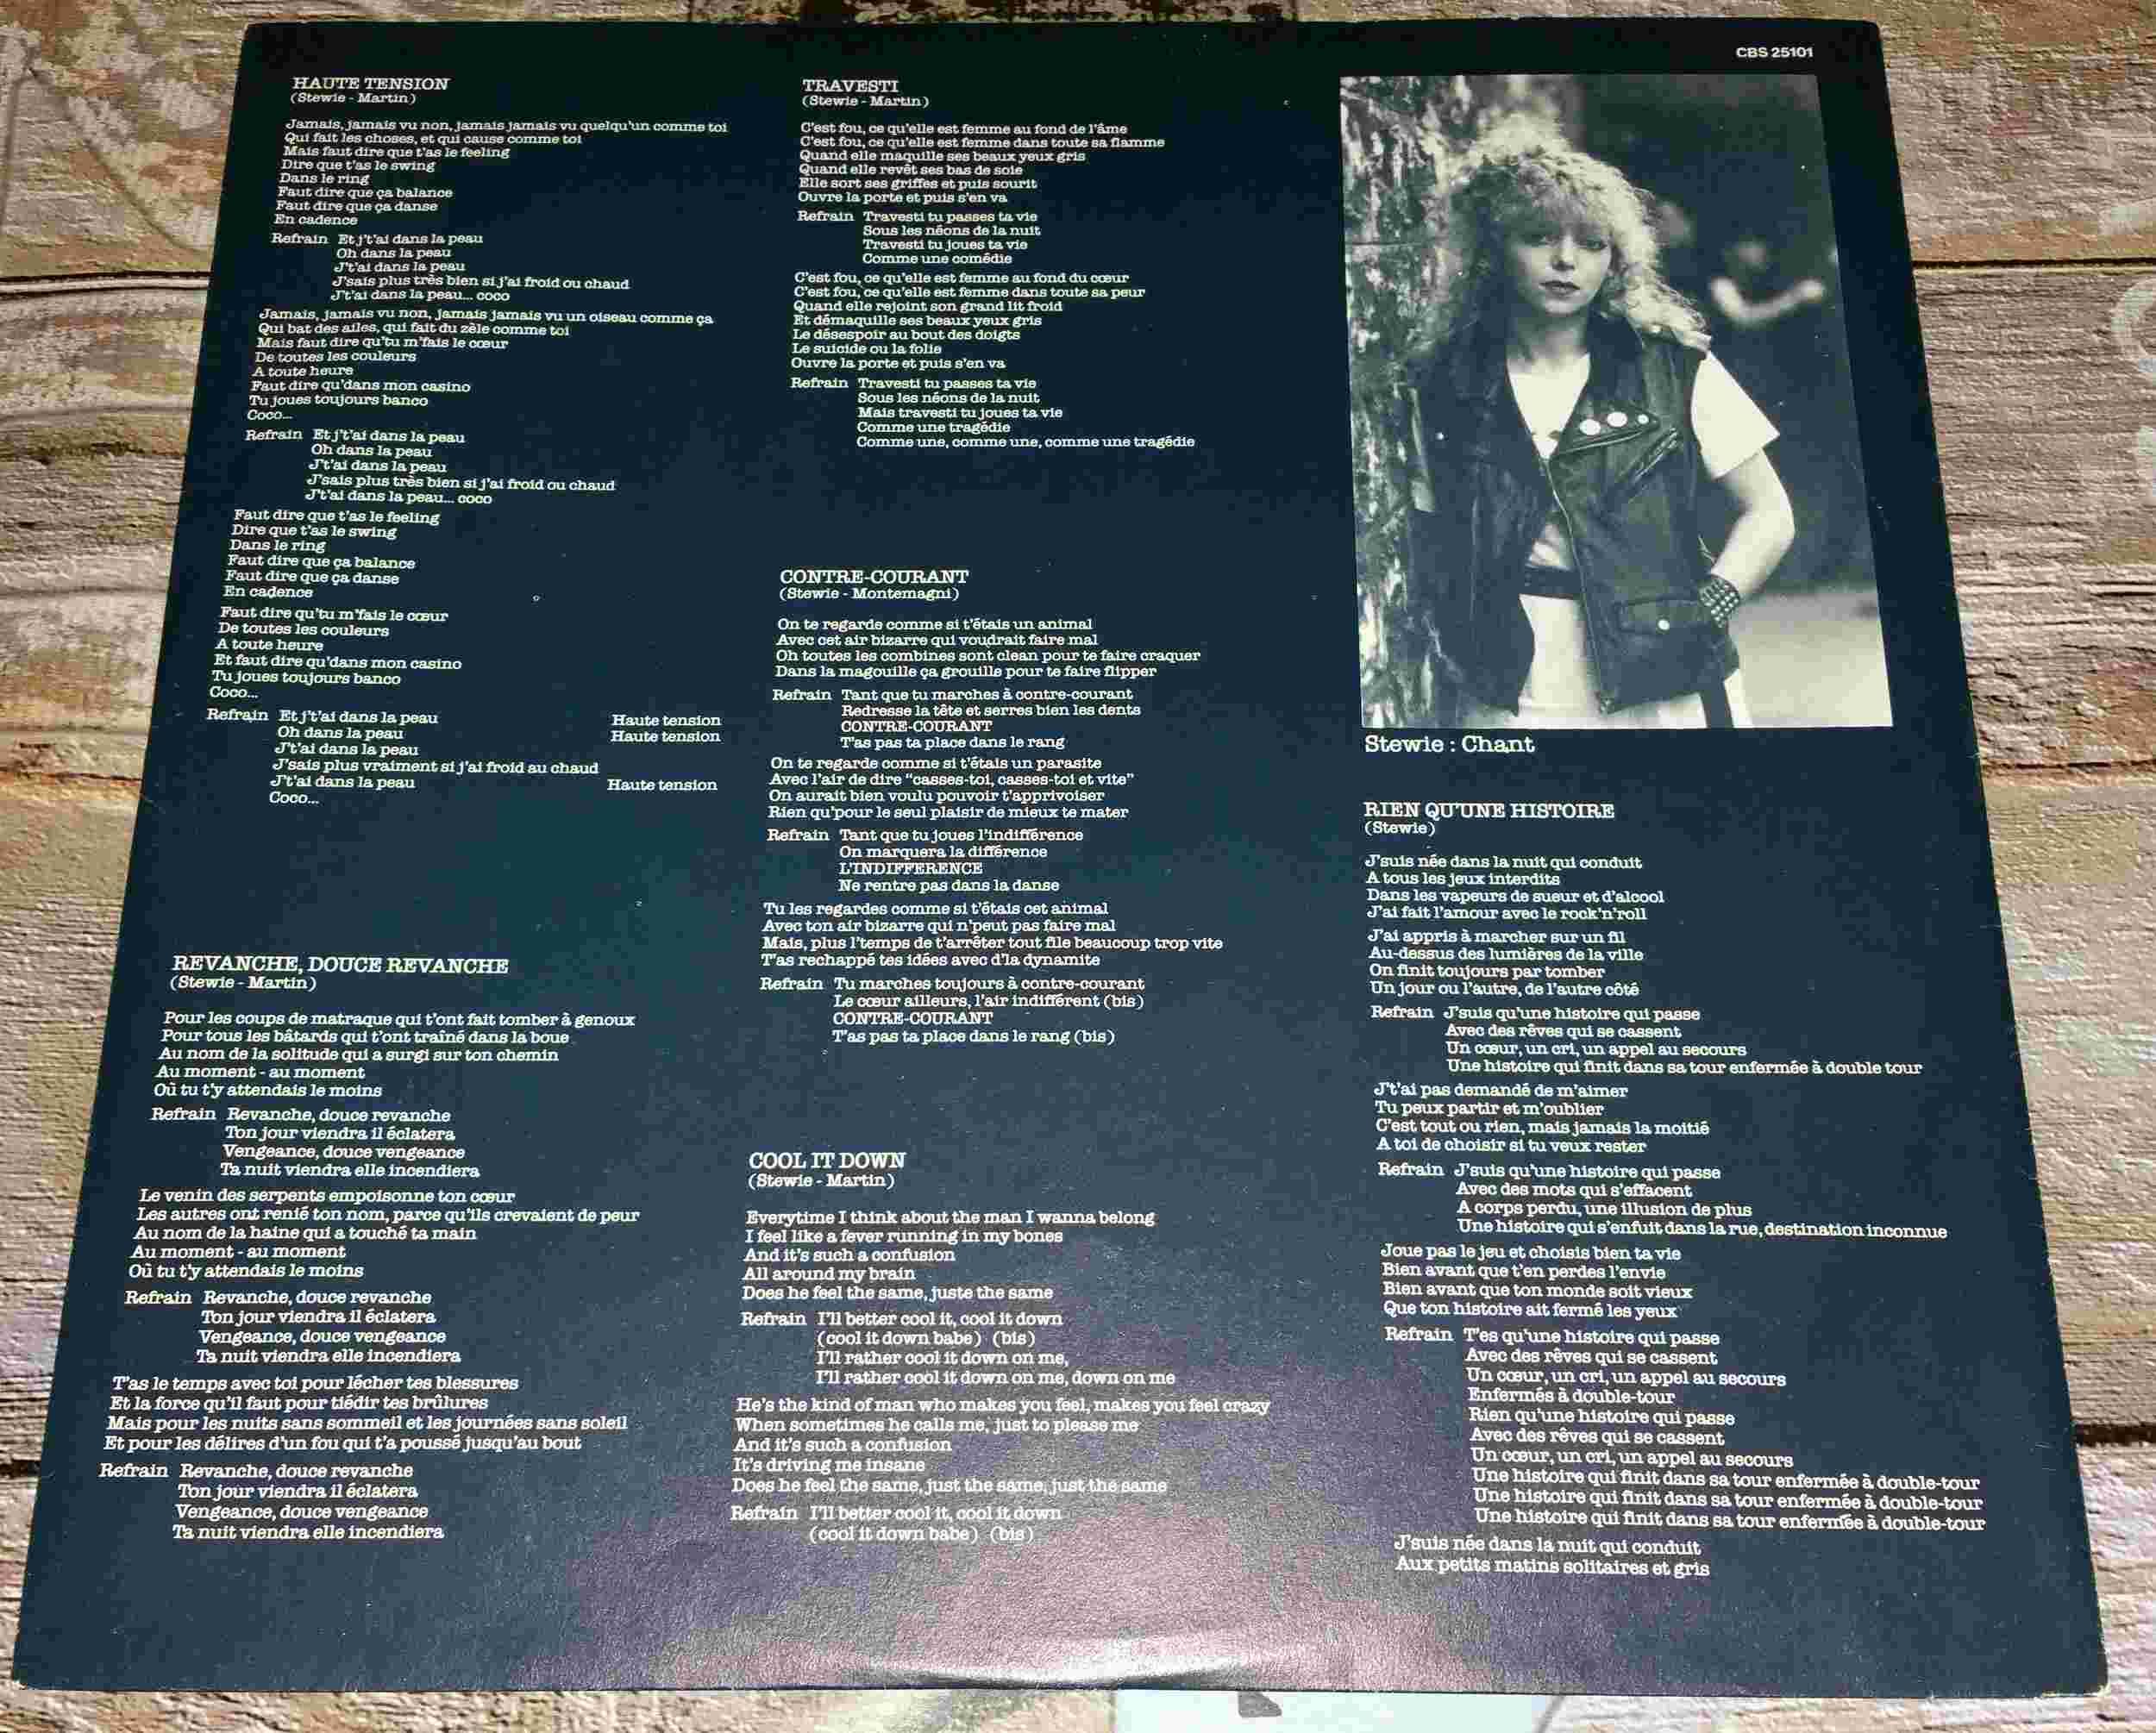 SPEED QUEEN Speed Queen (1982) Toutes les paroles de l'album ... 20160316